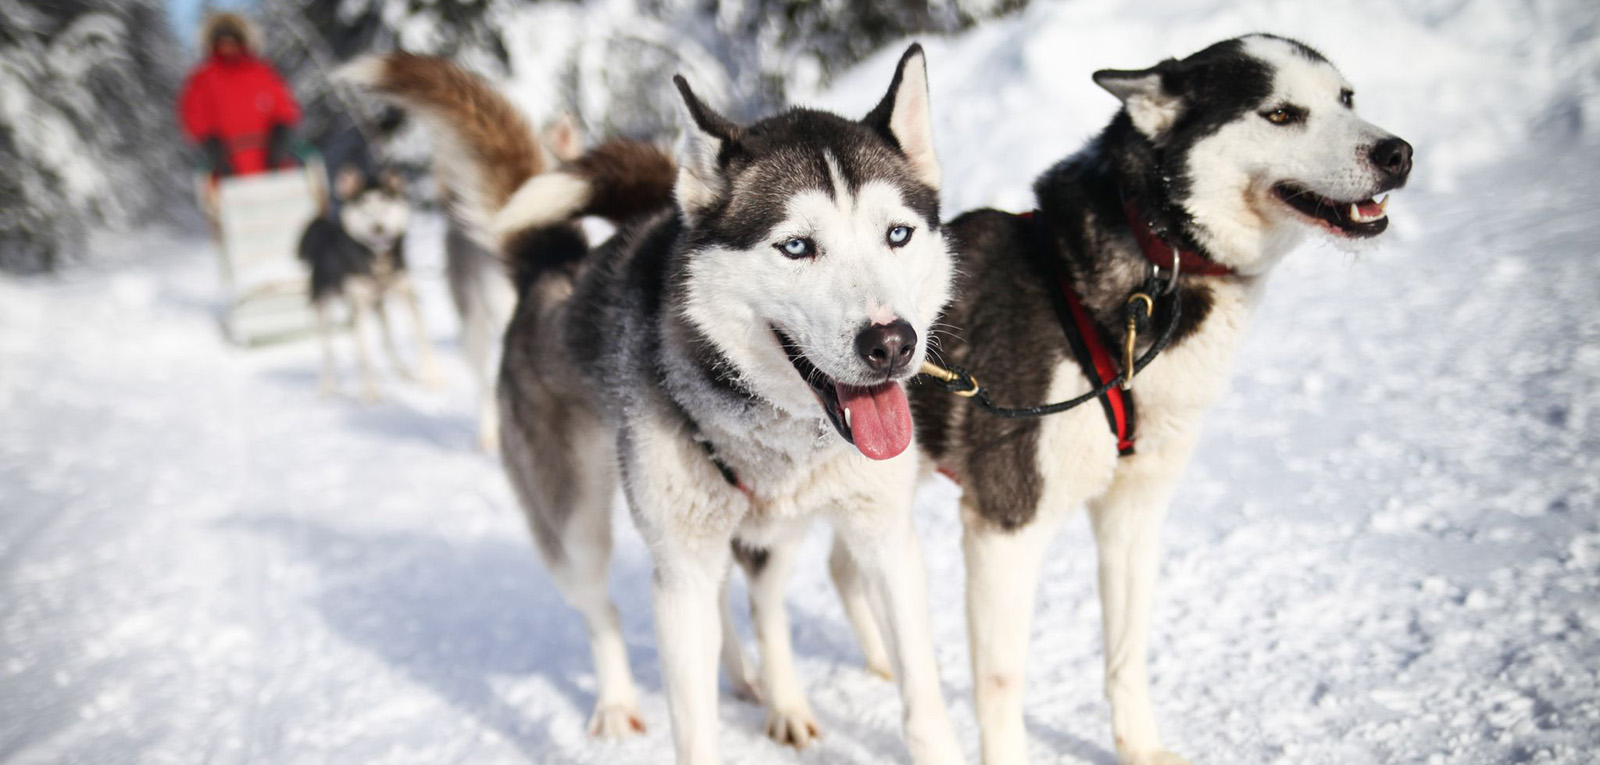 Dog sledding dogs